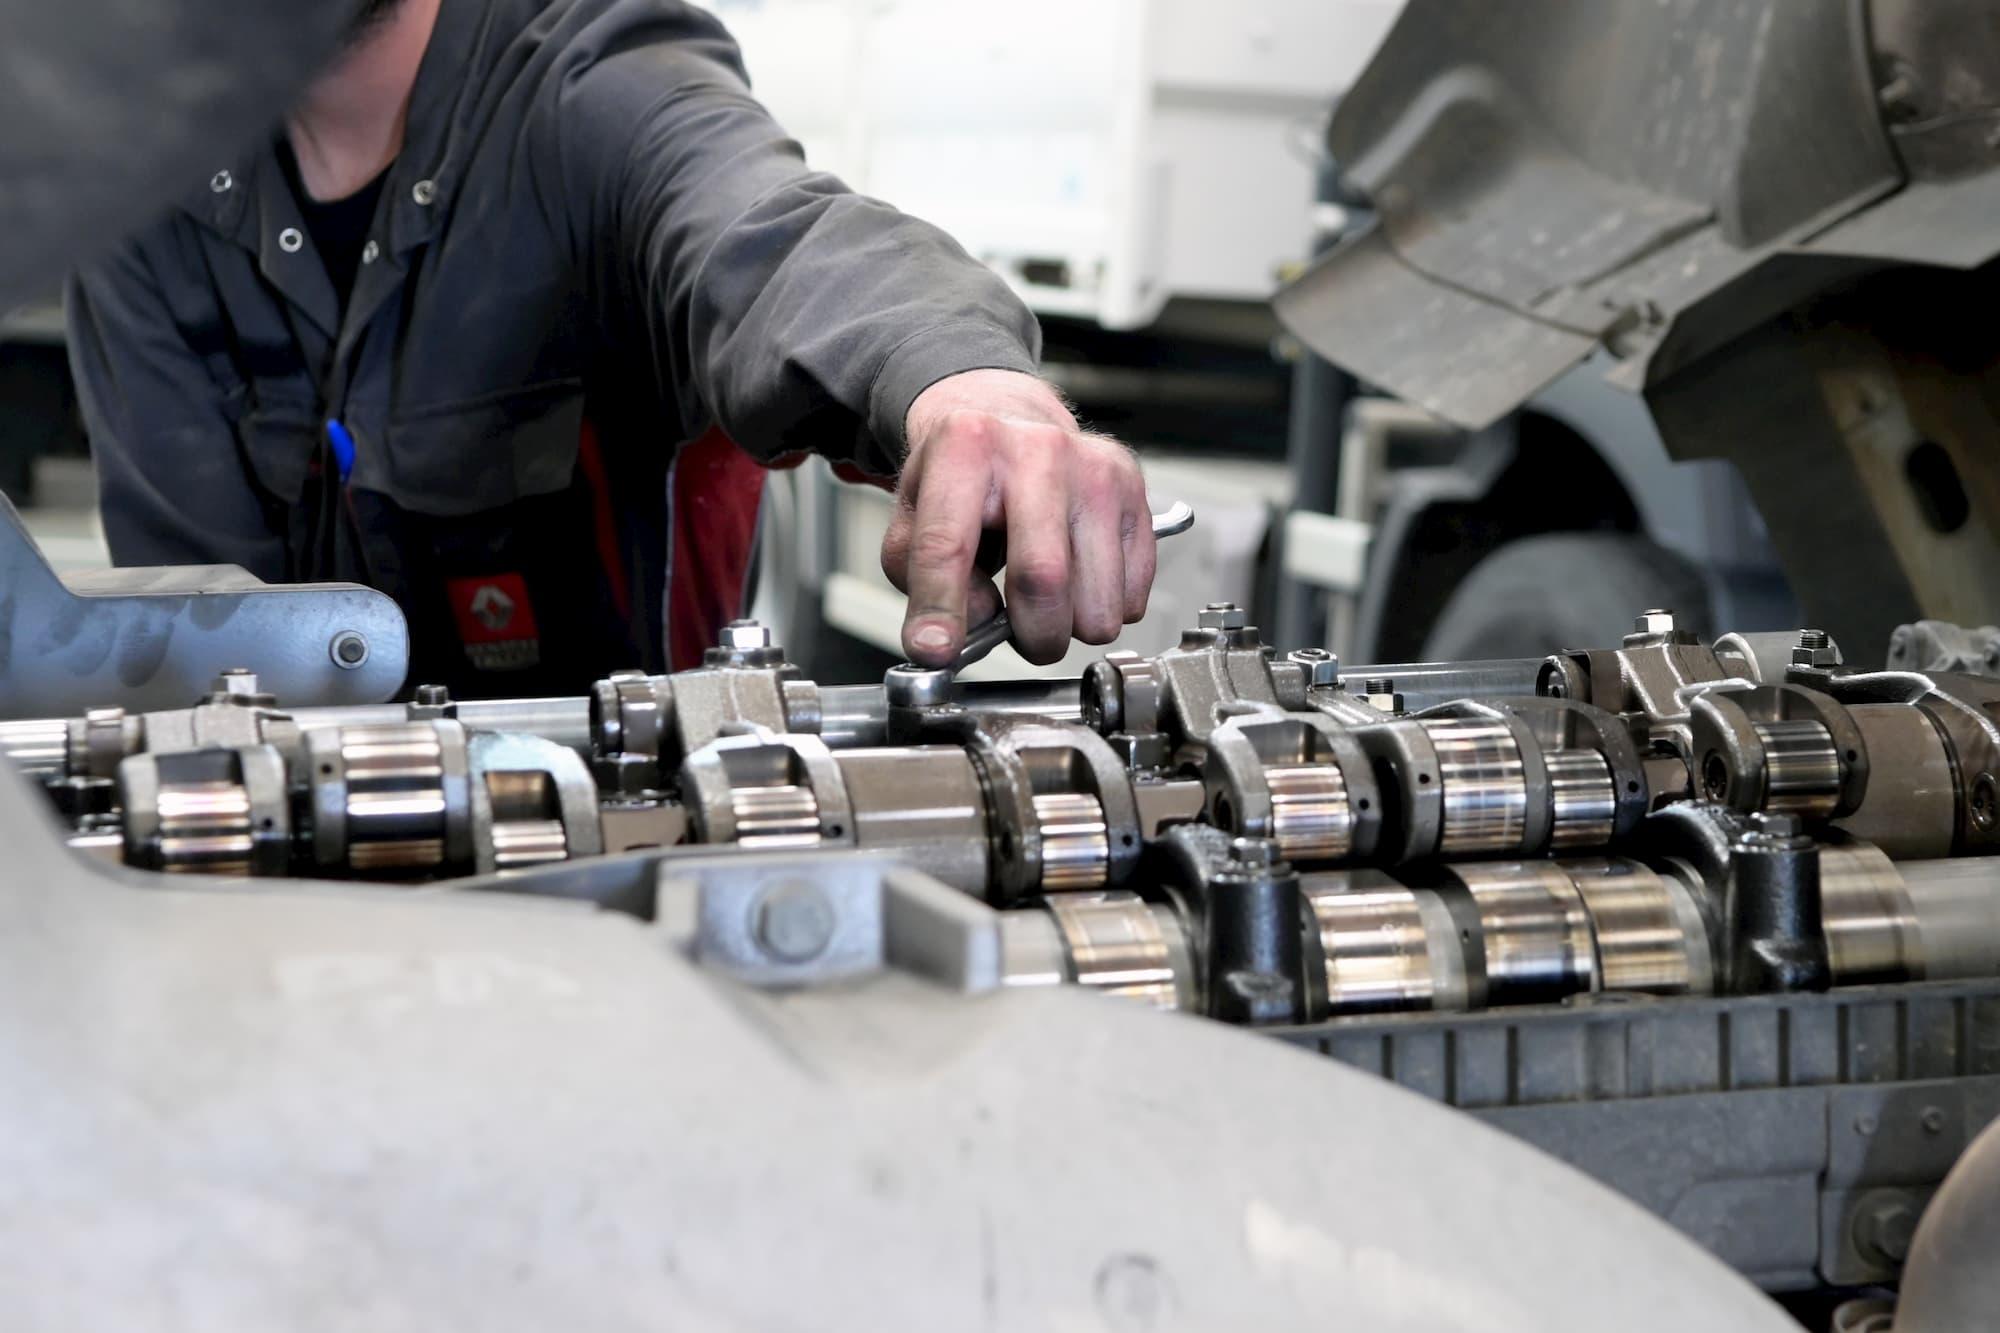 Groupe Renaudeau - Produits de maintenance pour poids lourds